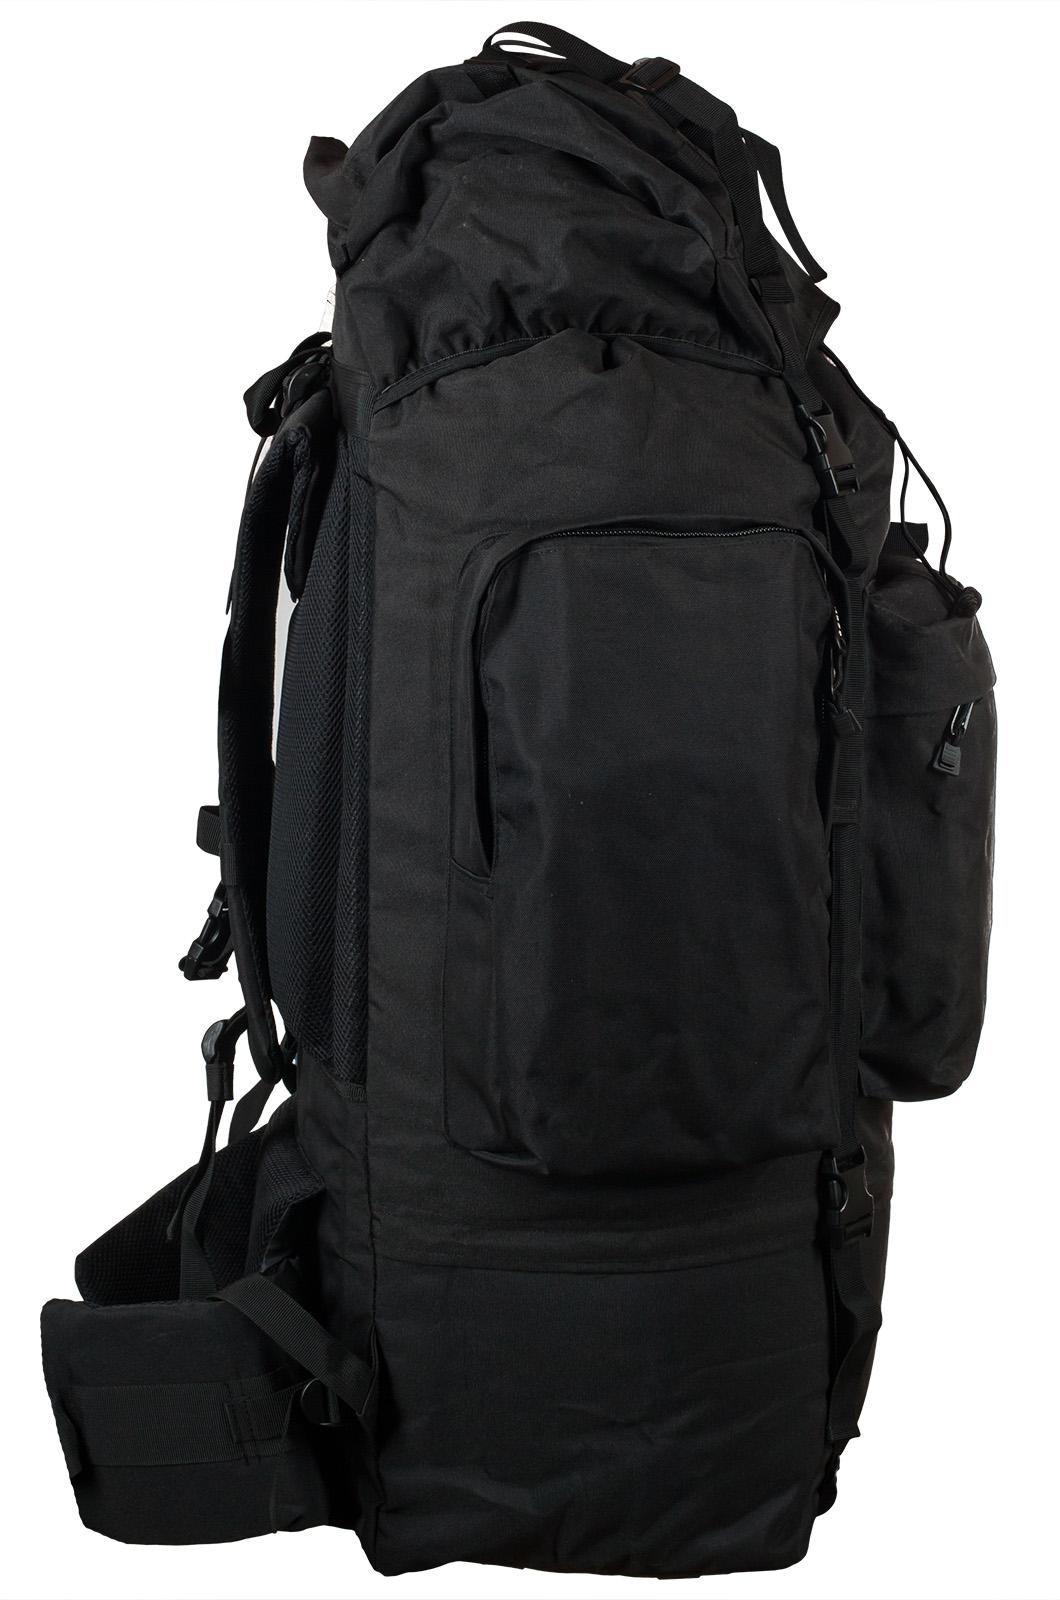 Многодневный вместительный рюкзак с нашивкой Потомственный Казак - купить оптом